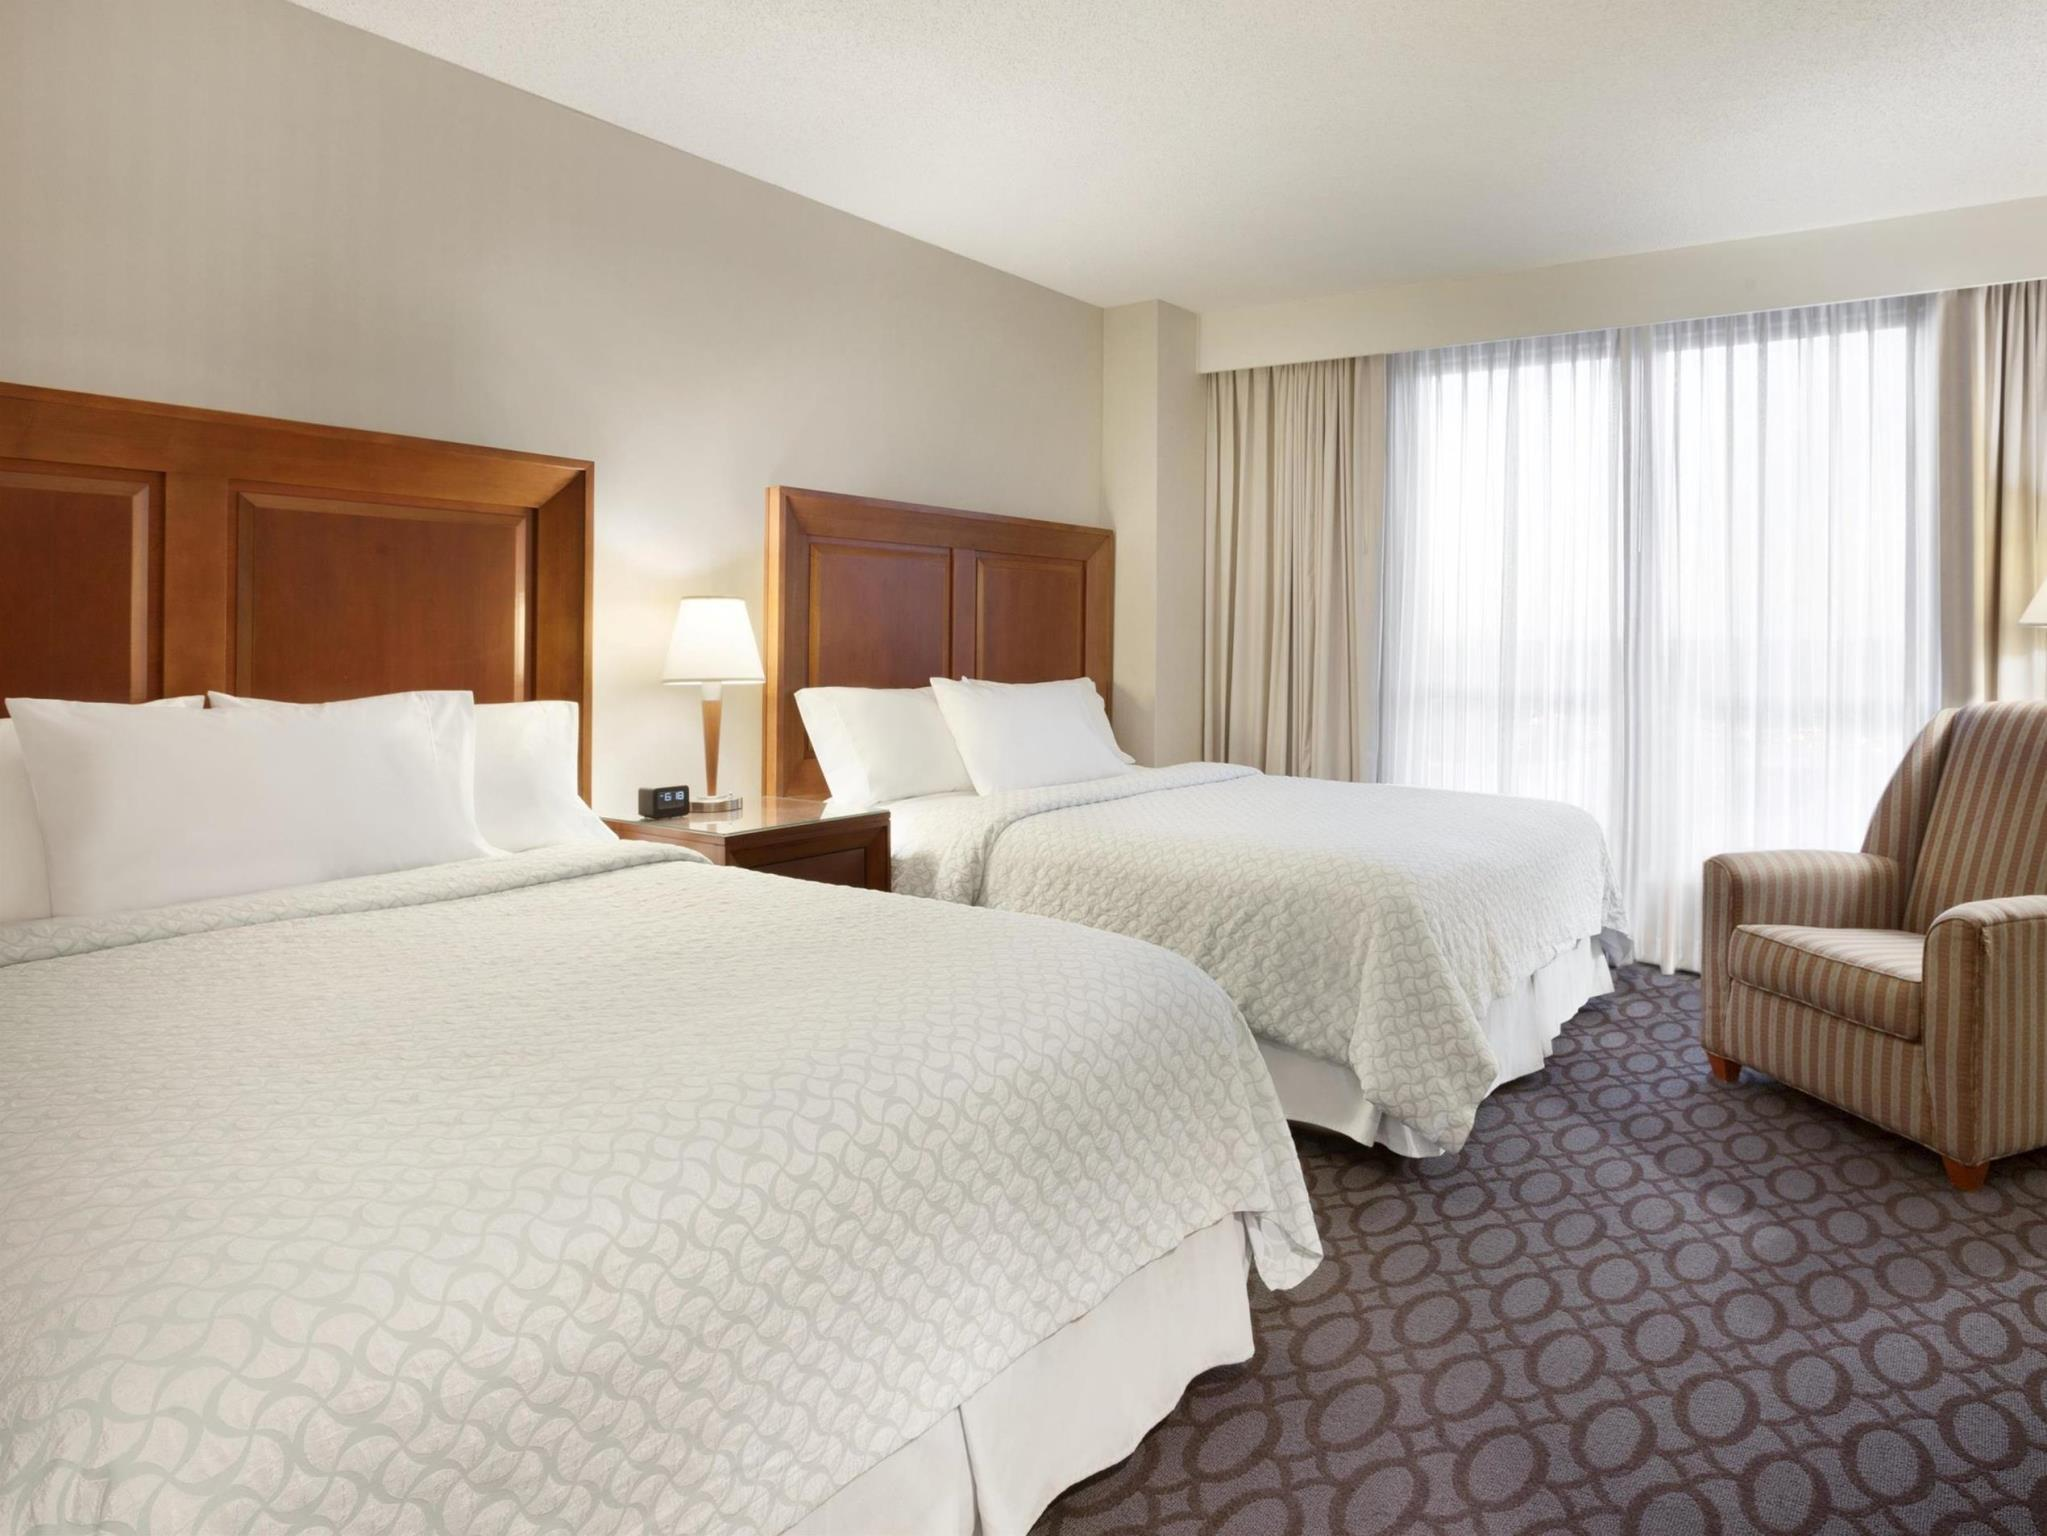 Embassy Suites Hotel Dulles-North - Loudoun, Loudoun